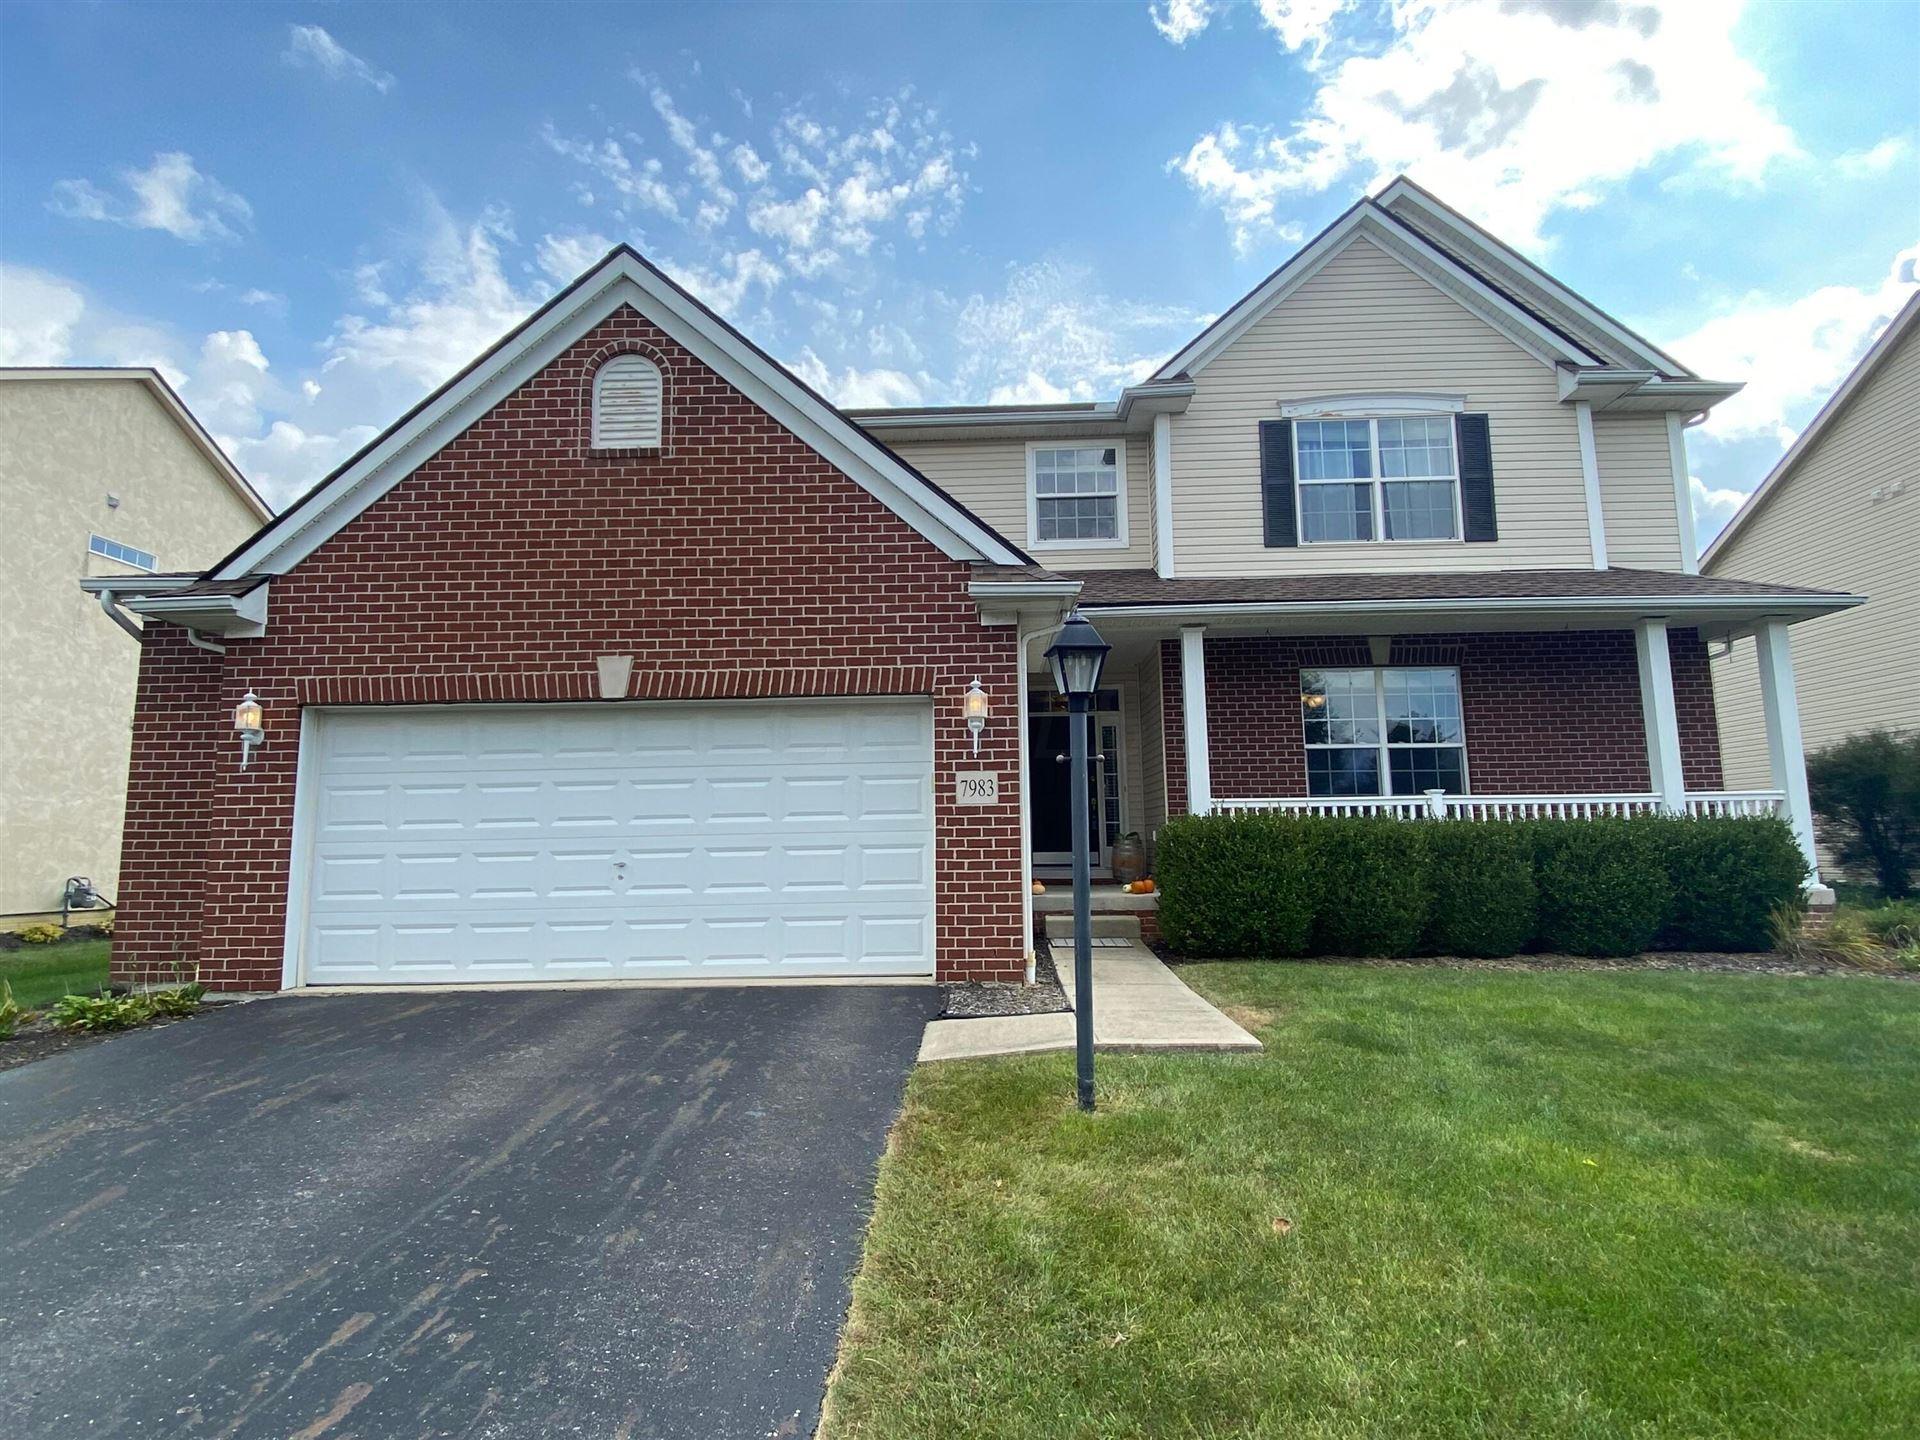 Photo of 7983 DANBRIDGE Way, Westerville, OH 43082 (MLS # 221036344)